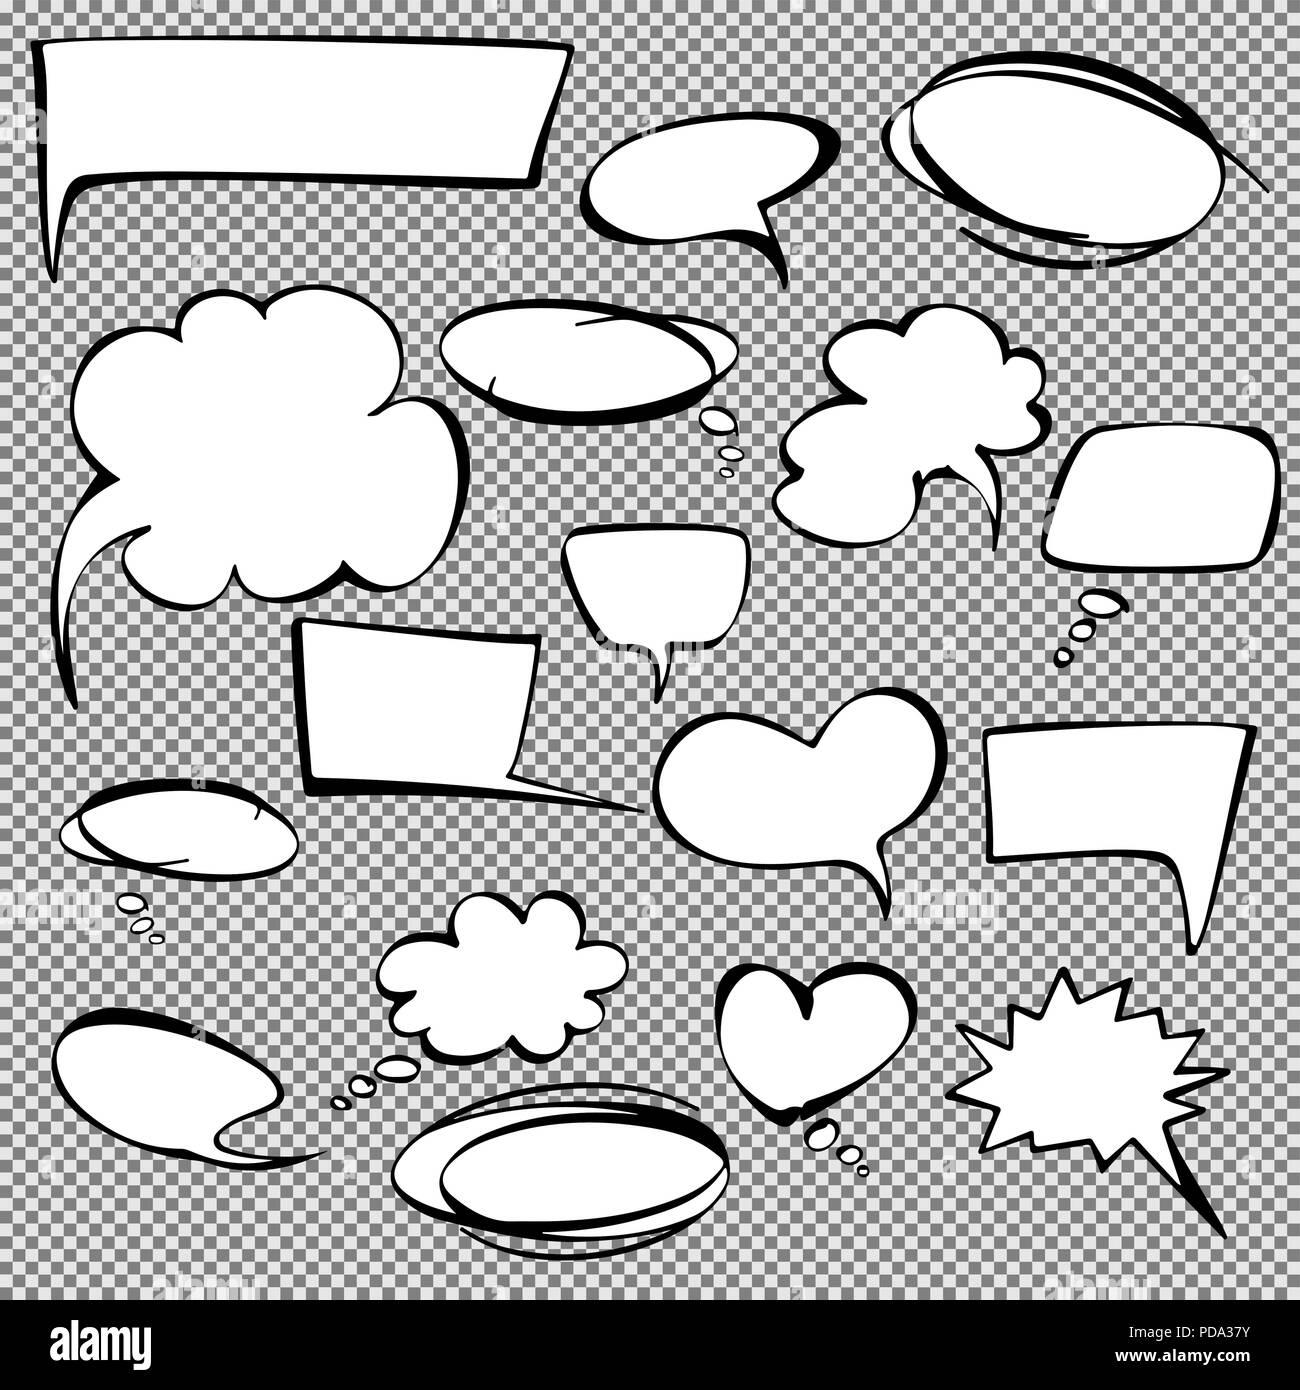 Pencil sketch cartoon stock photos pencil sketch cartoon stock